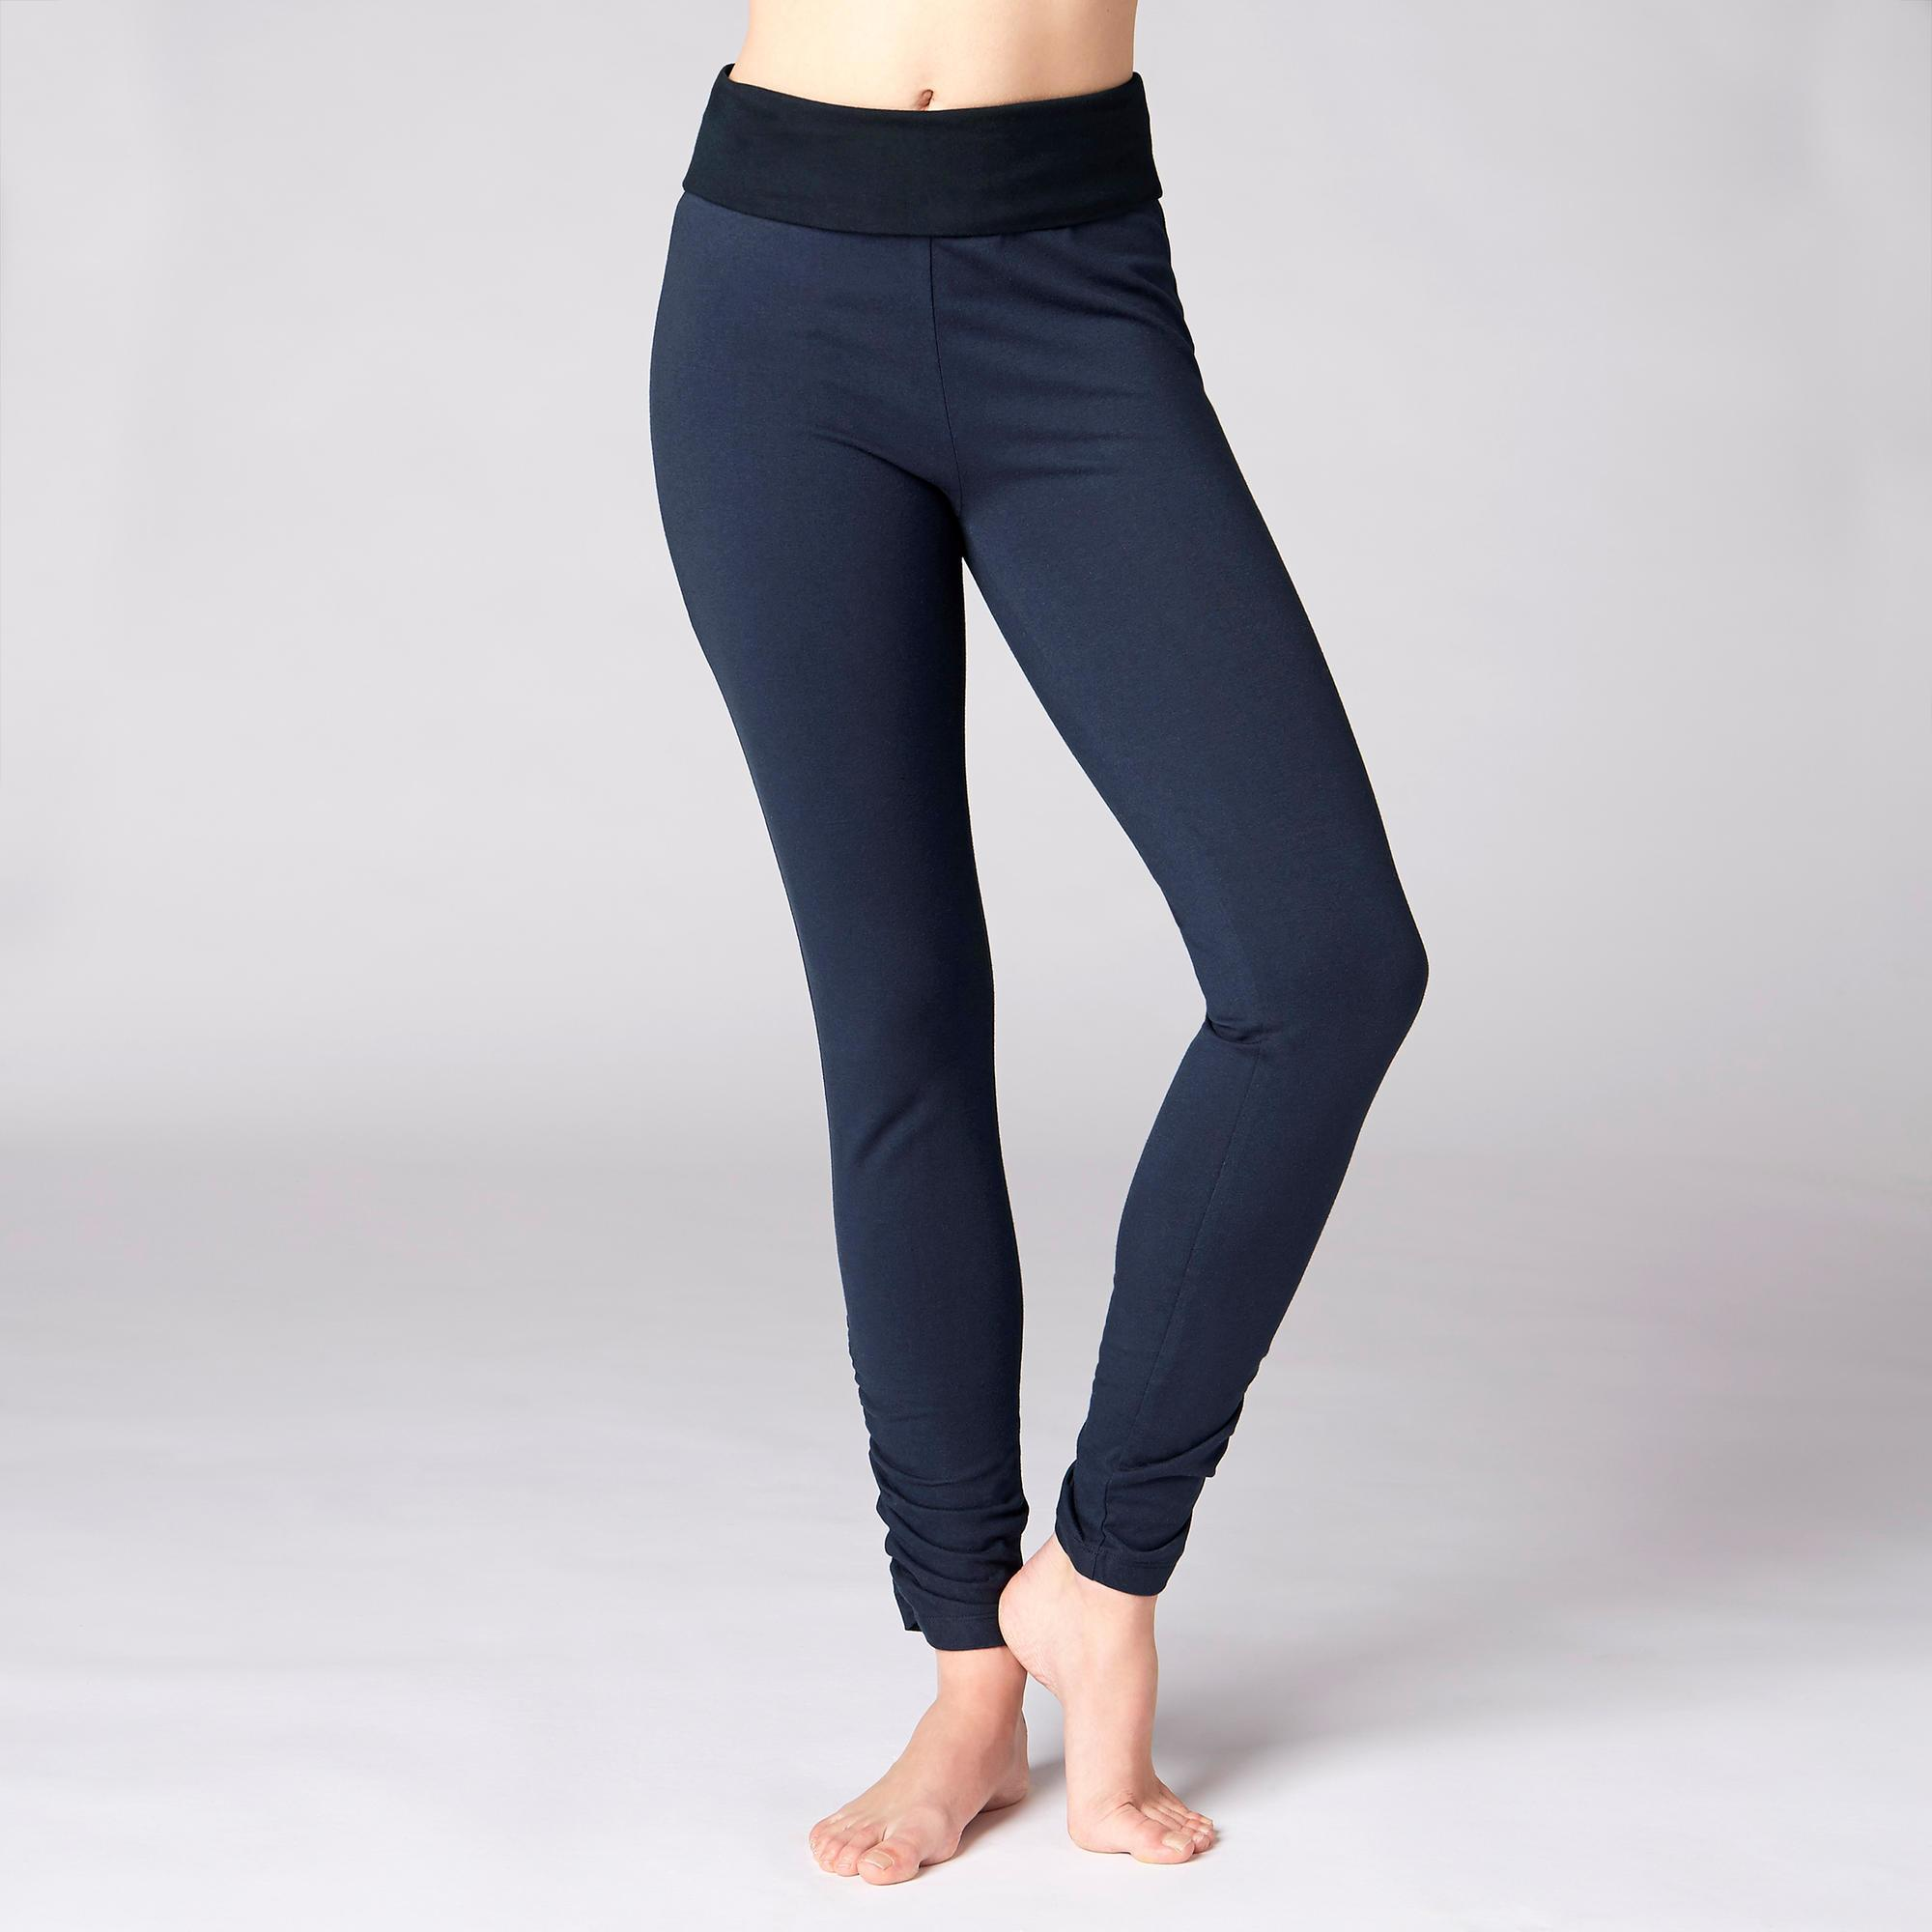 22952b372cec Comprar Ropa para Yoga de Mujer | Decathlon